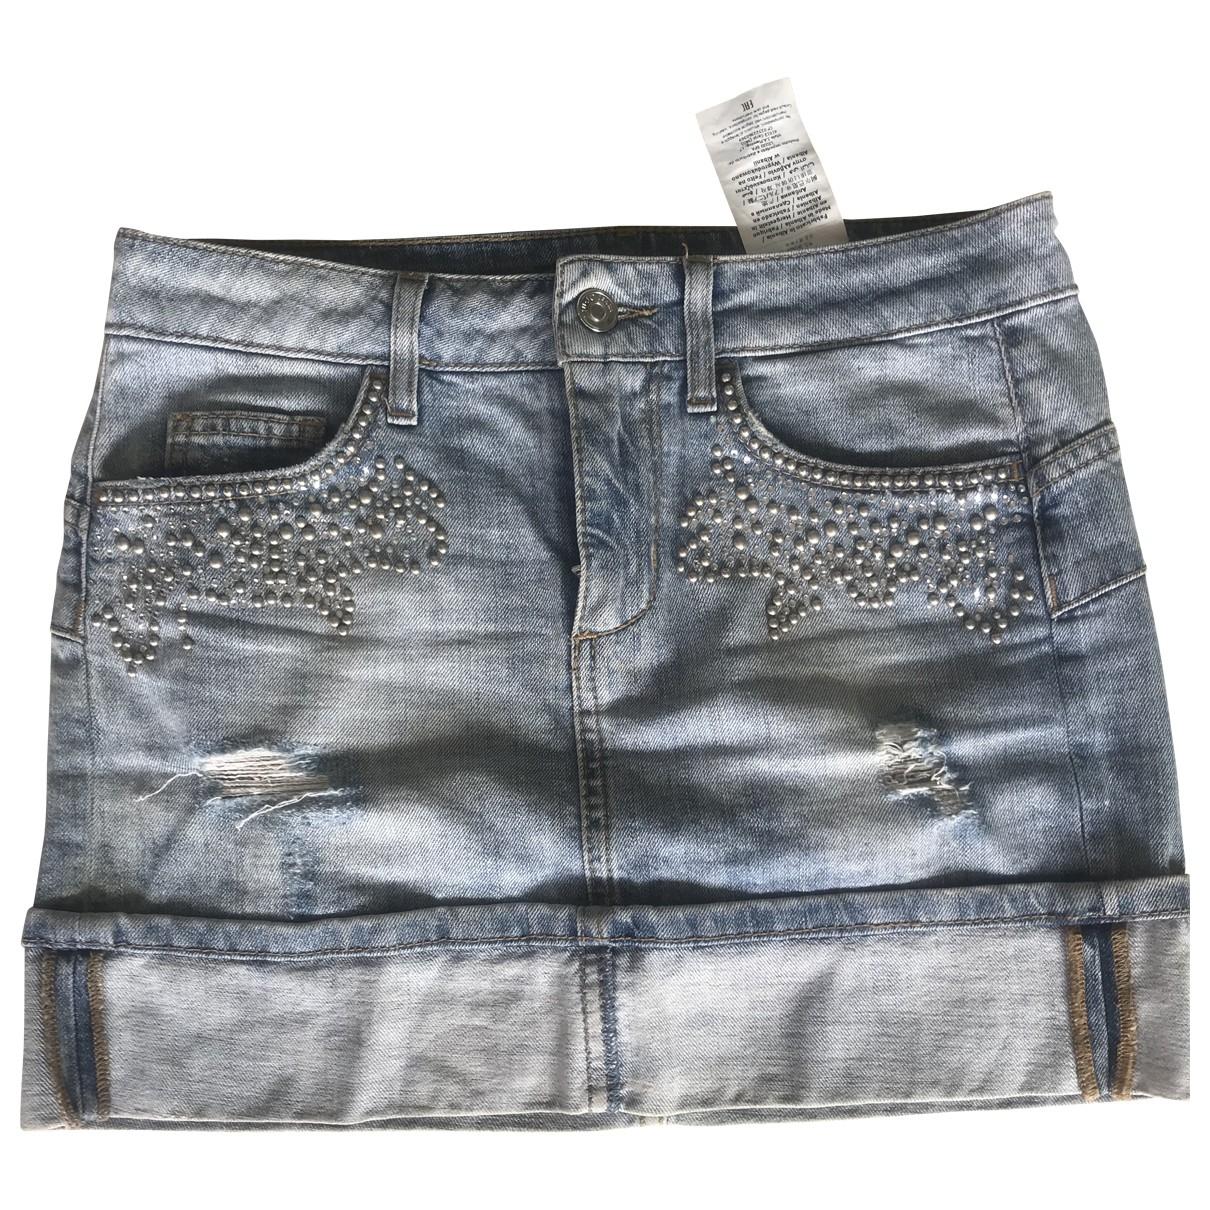 Liu.jo \N Blue Denim - Jeans skirt for Women S International